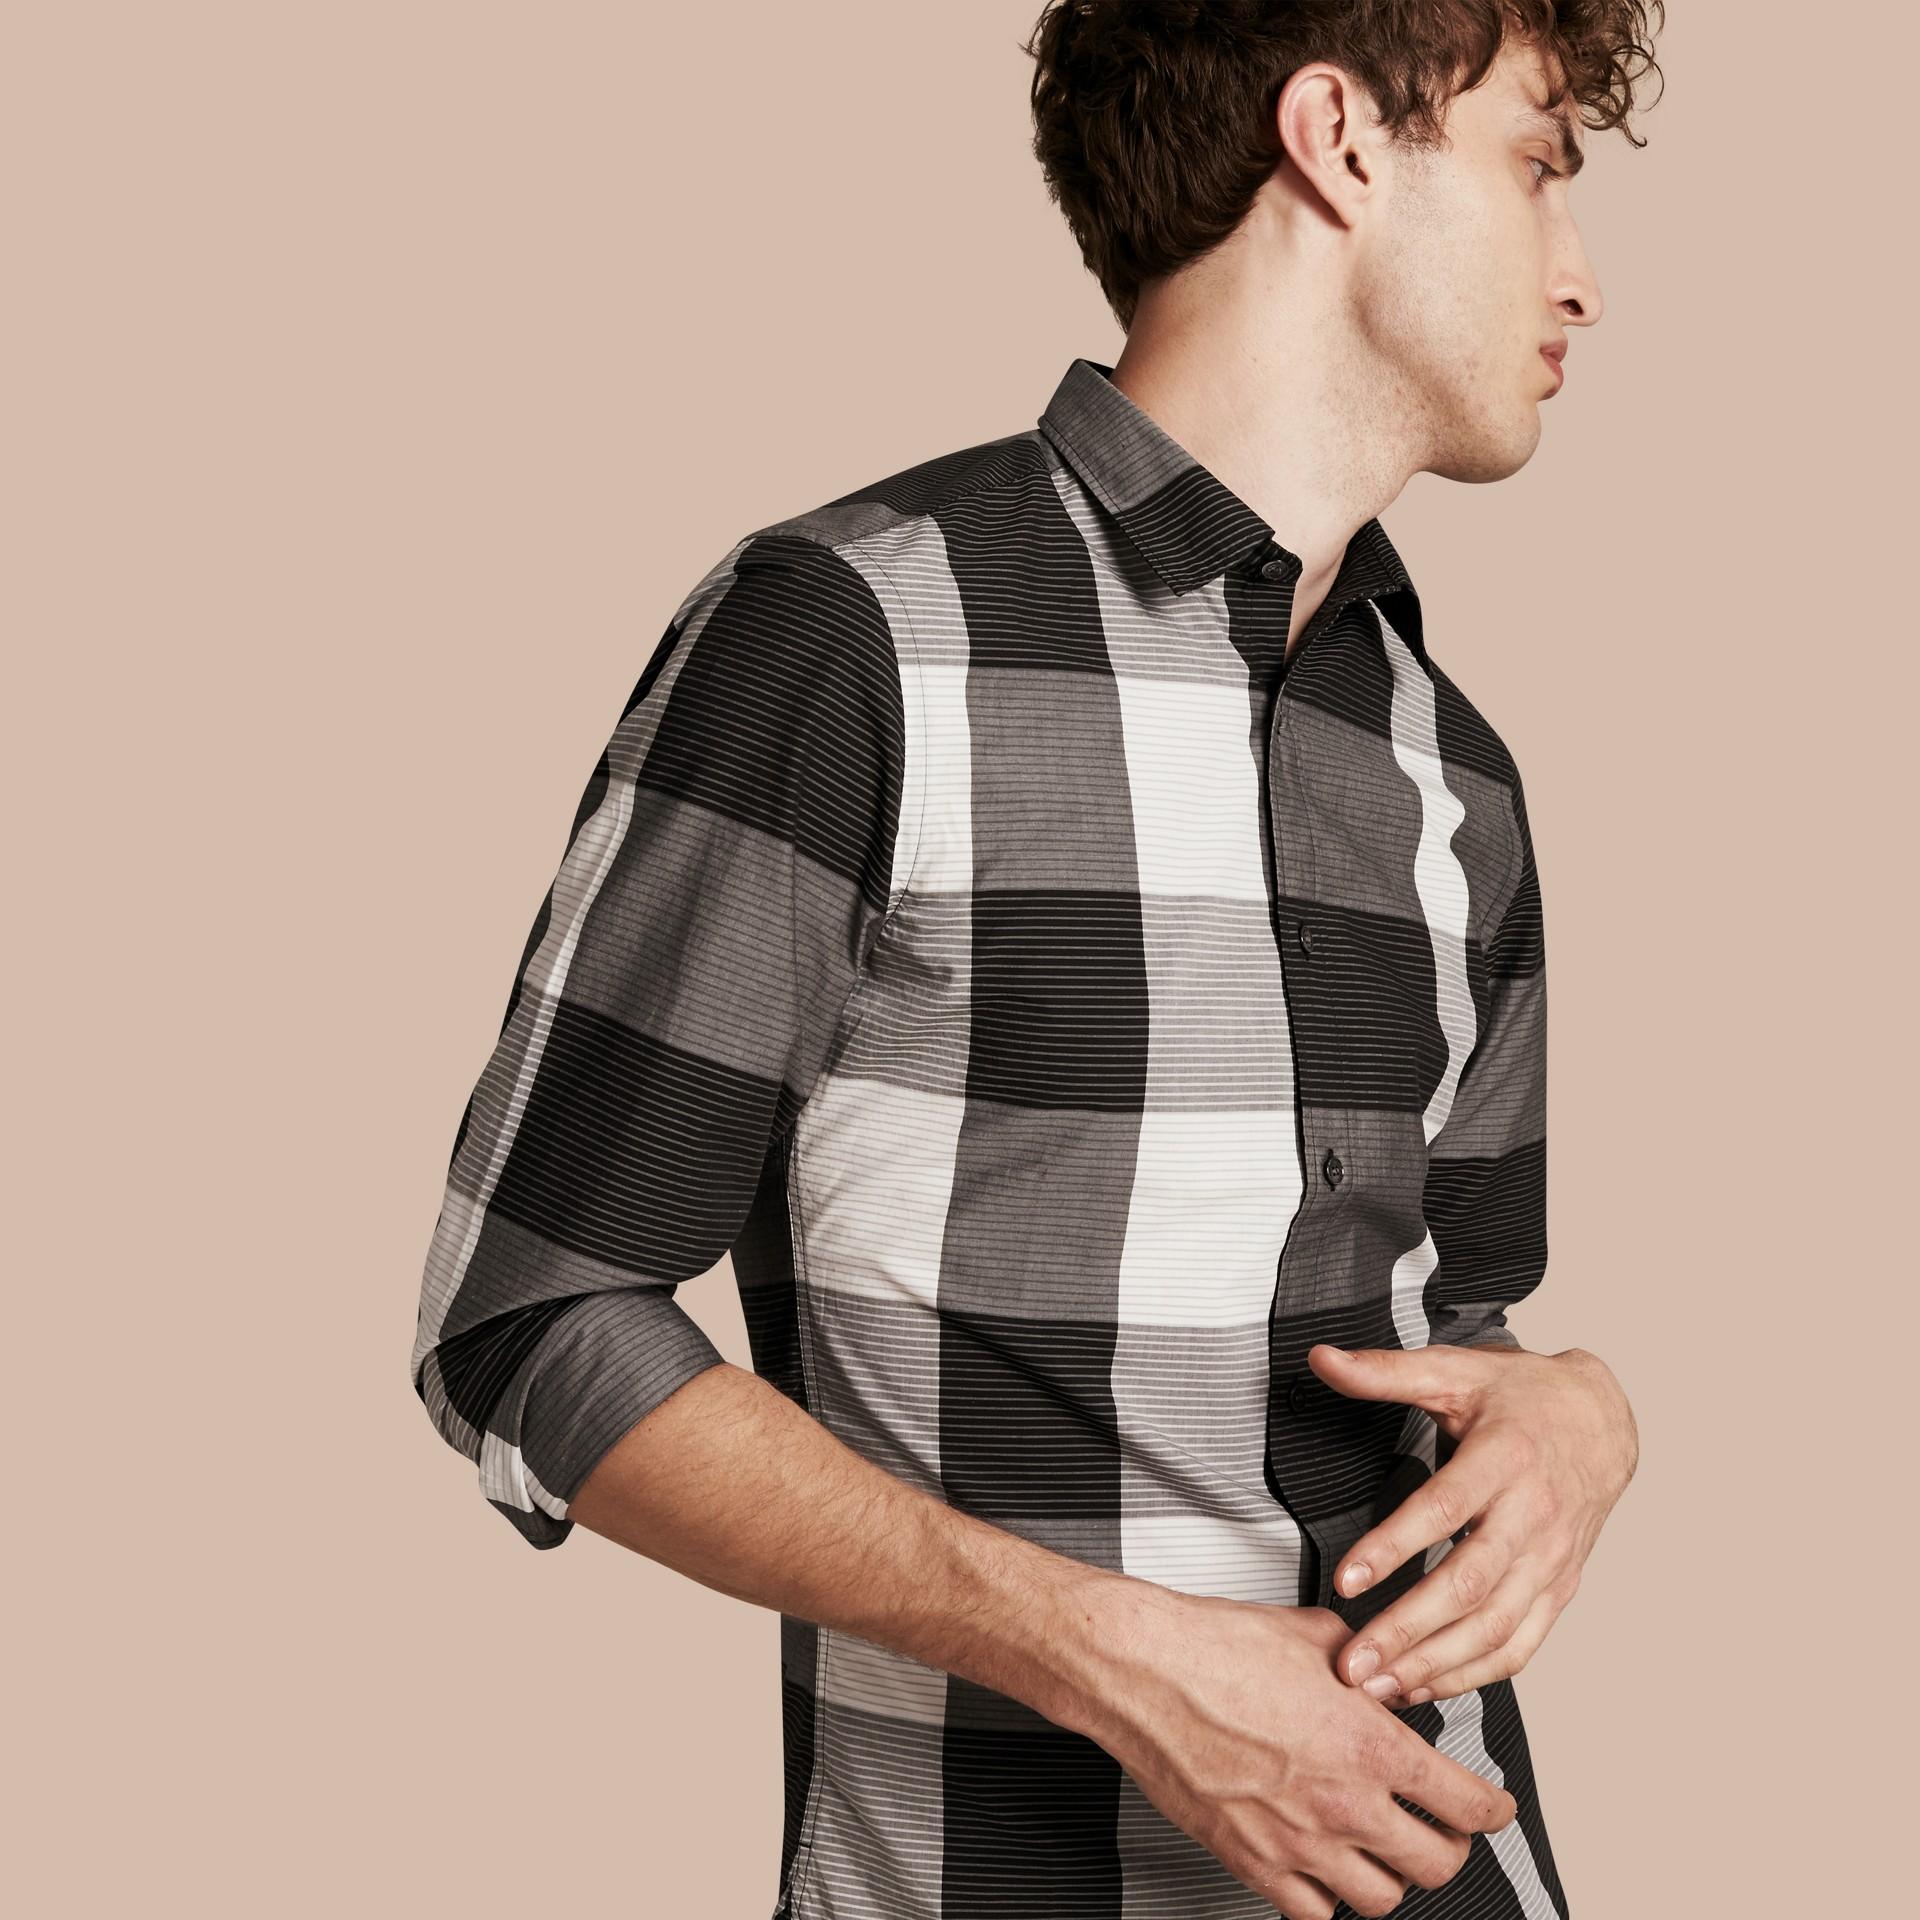 Schwarz Baumwollhemd mit grafischem Check-Muster Schwarz - Galerie-Bild 1